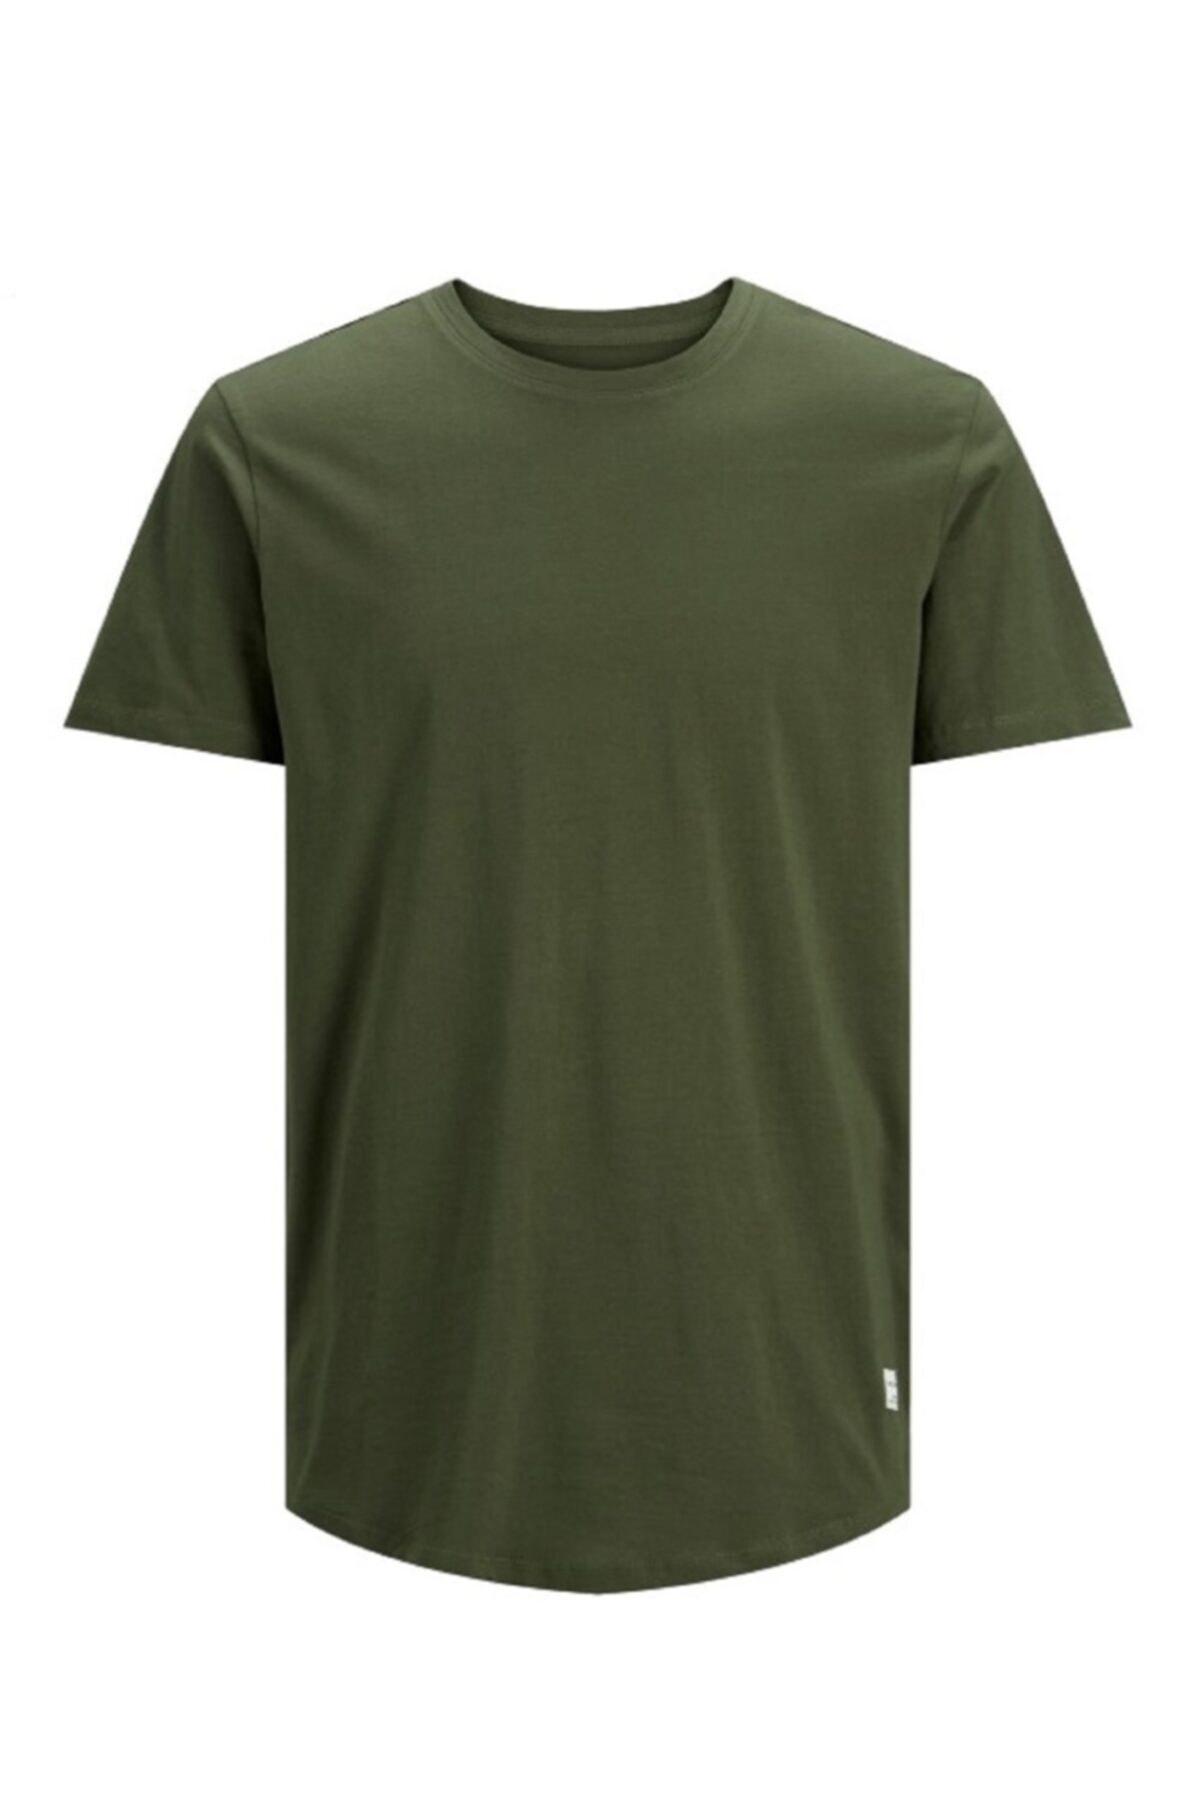 Jack & Jones s Erkek Düz Haki Yeşil Renk Tişört 12113648 2